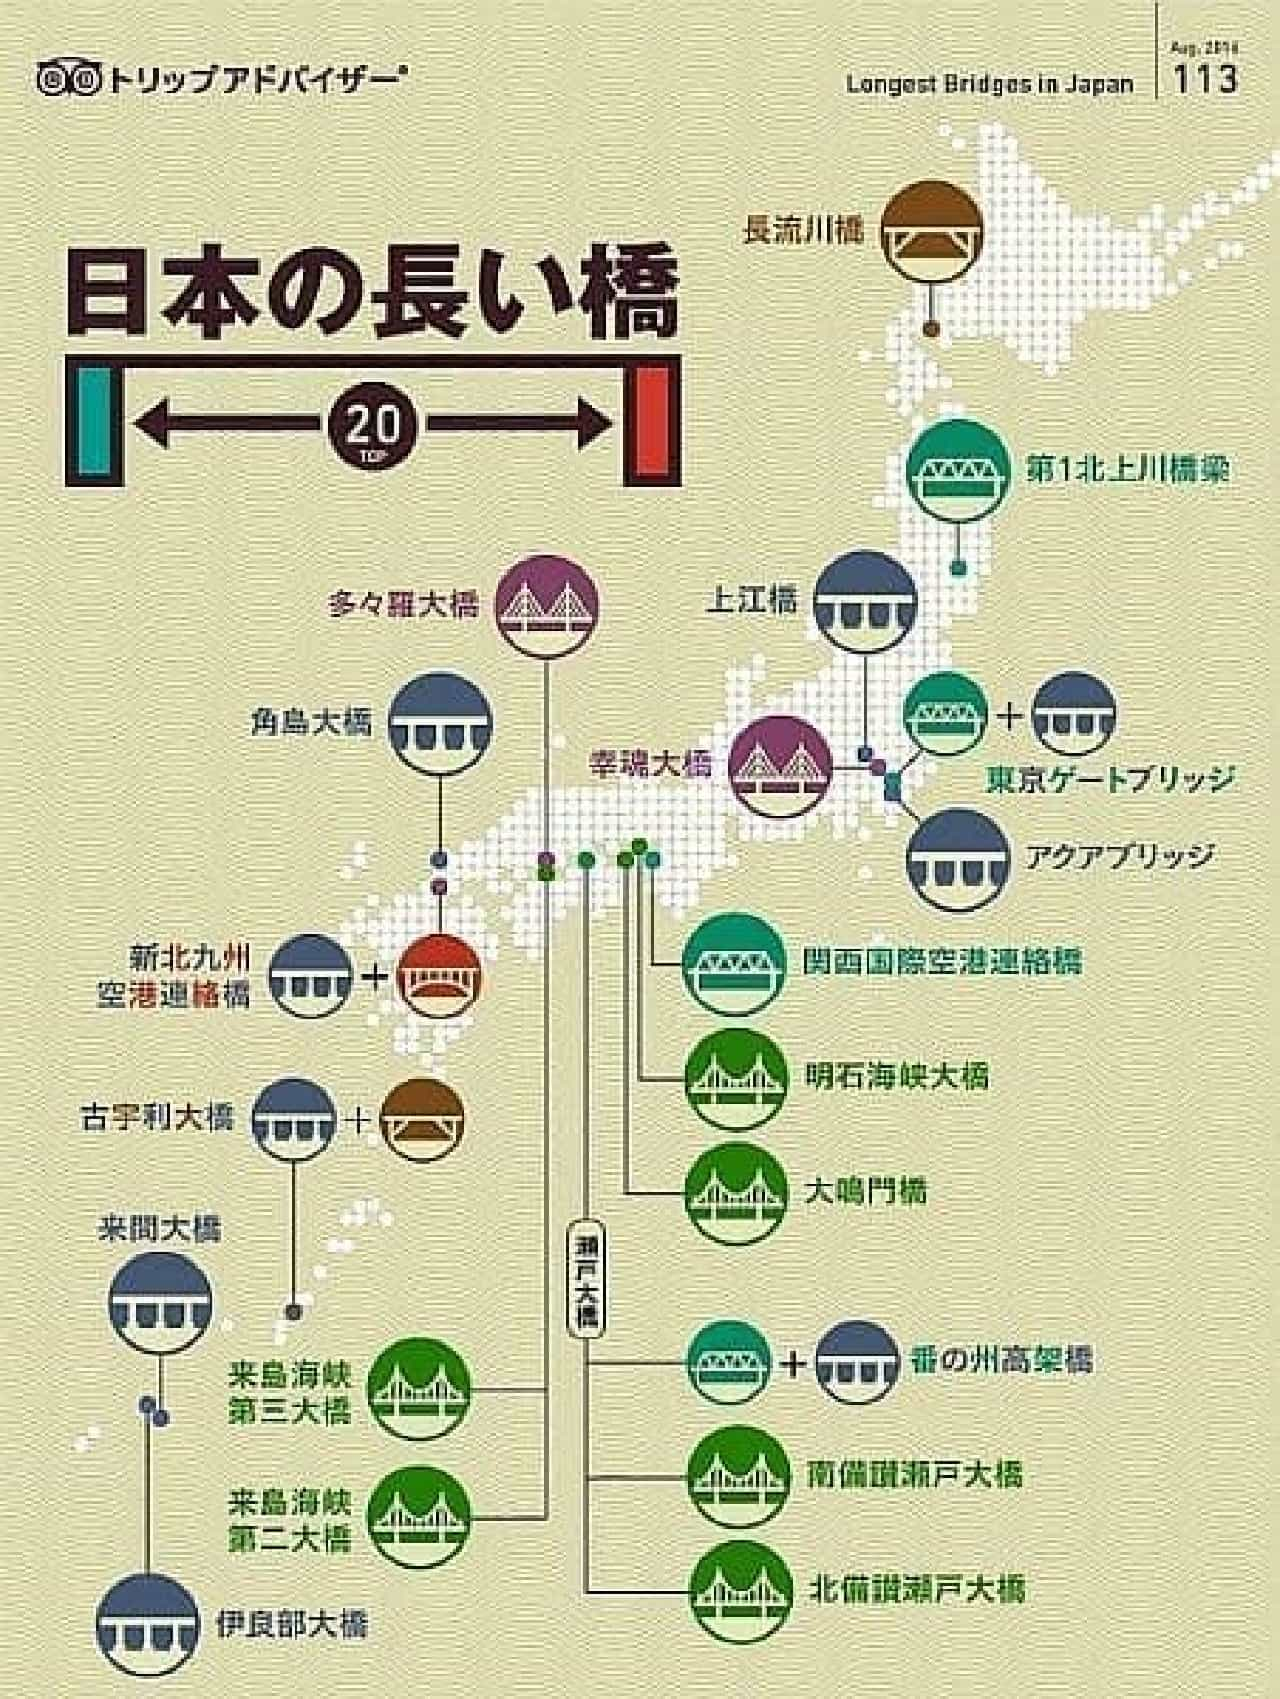 インフォグラフィック「日本の長い橋トップ20」